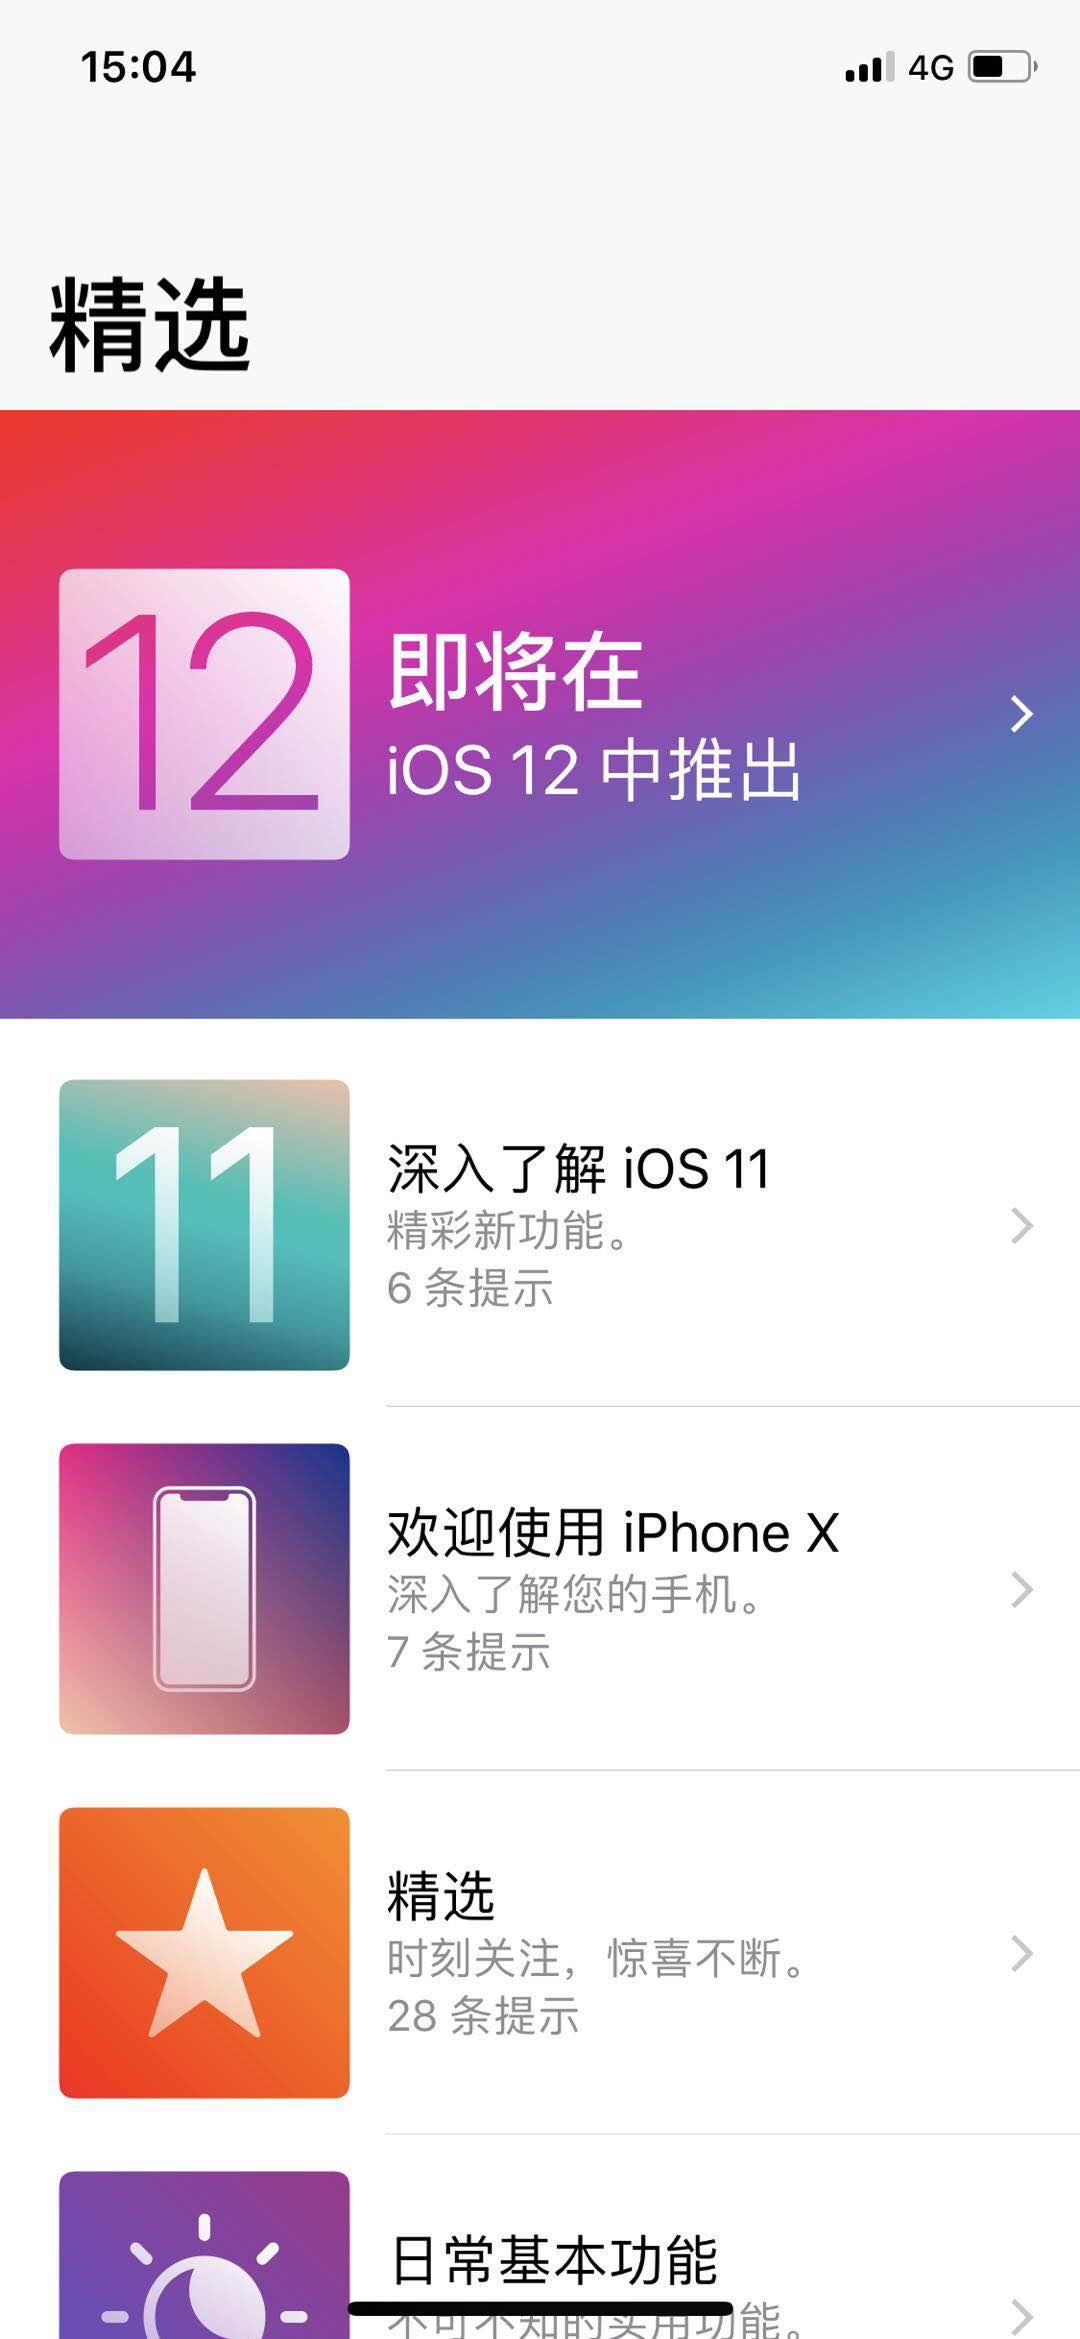 发布会进入倒计时 苹果开始推送iOS 12广告